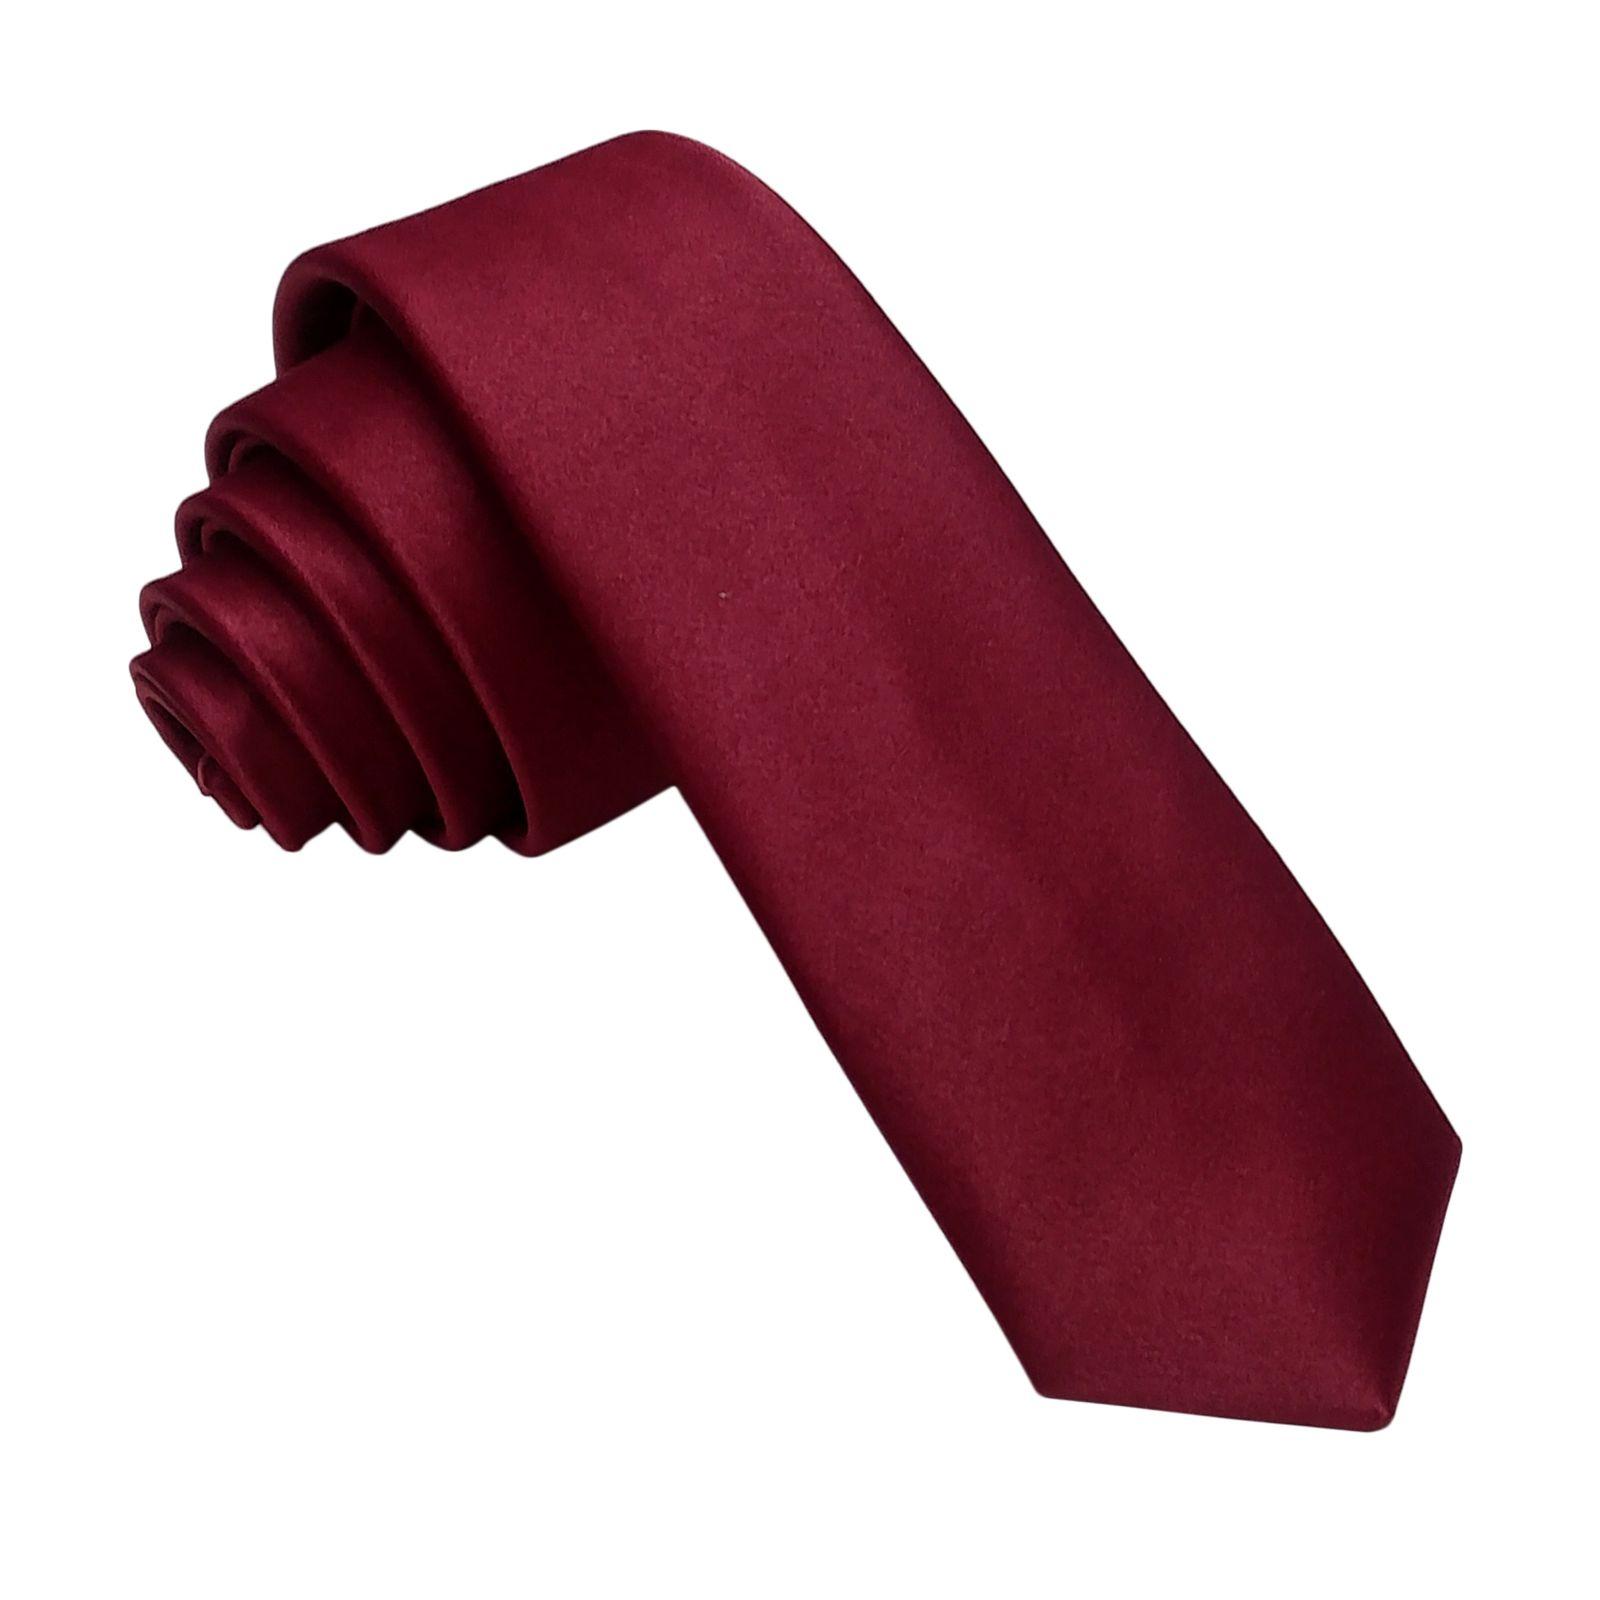 ست کراوات و پاپیون مردانه کد G -  - 4